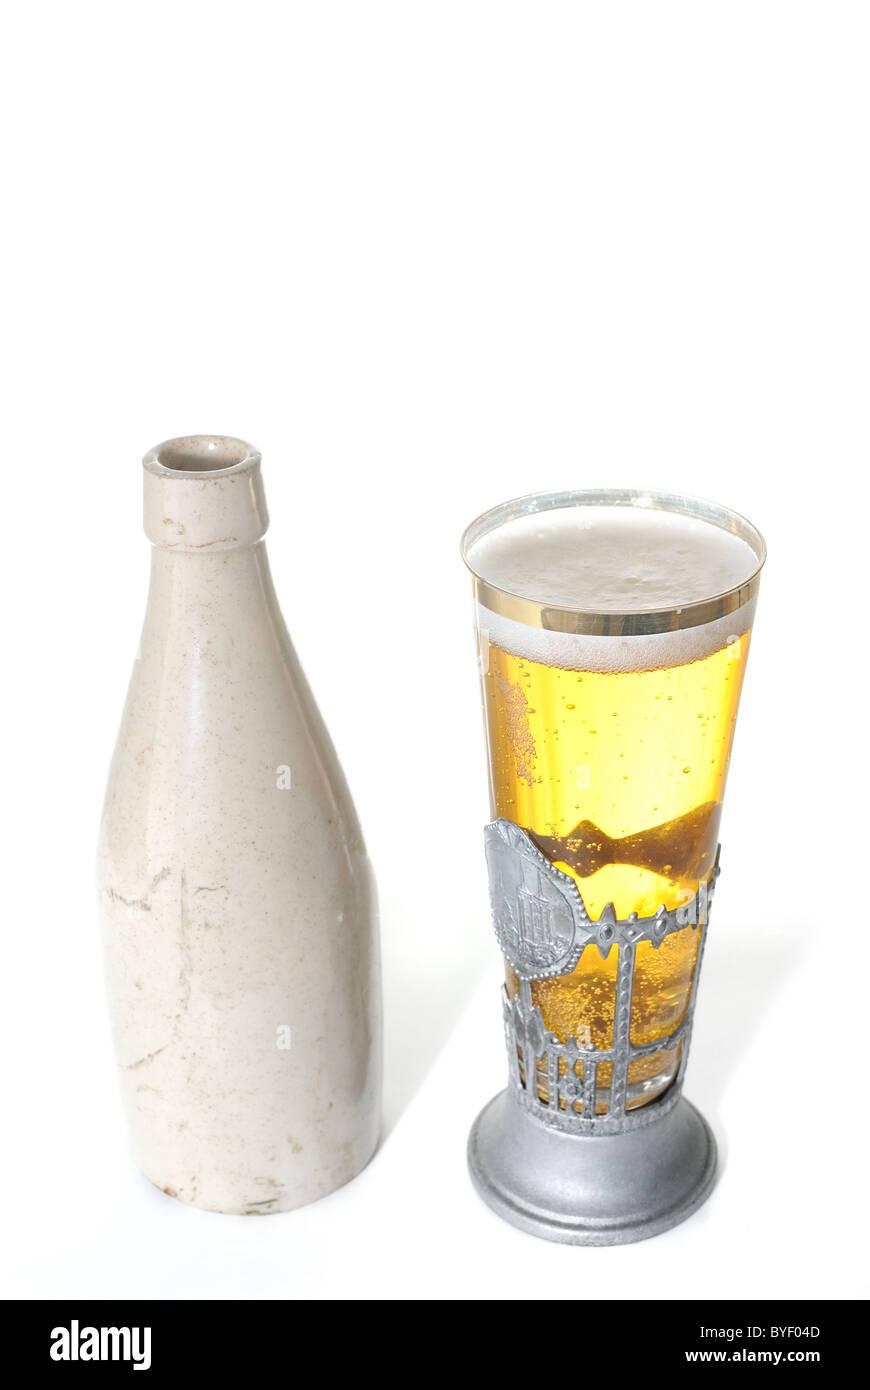 Alte Keramik Flasche und Bier in einem Uniqe Stein Glas isoliert auf einem weißen Hintergrund. Stockbild